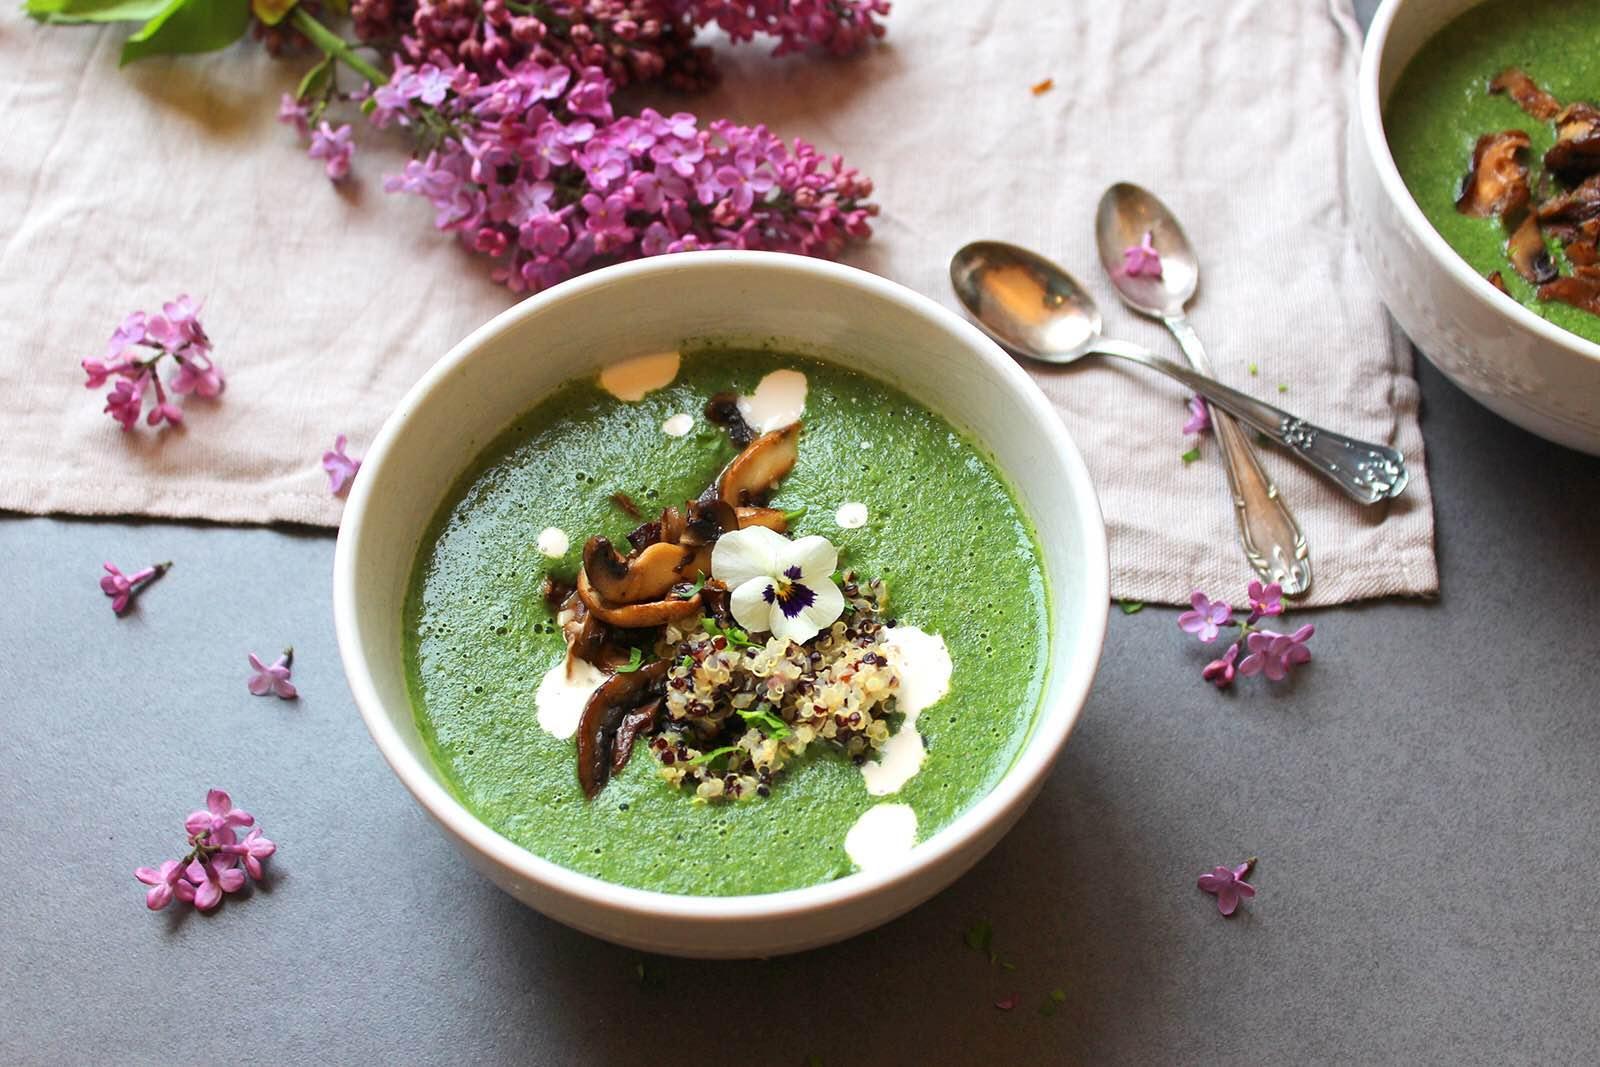 Spremate li se pročistiti organizam ili samo pojesti nešto zdravo, isprobajte ovu bogatu kremastu juhu zelene boje.